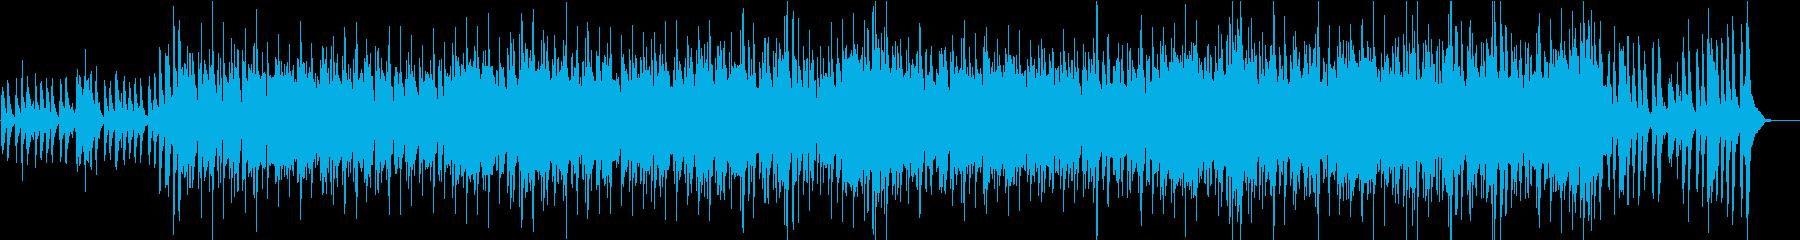 賑やかで軽快なサンバ、ラテン好きな人必聴の再生済みの波形